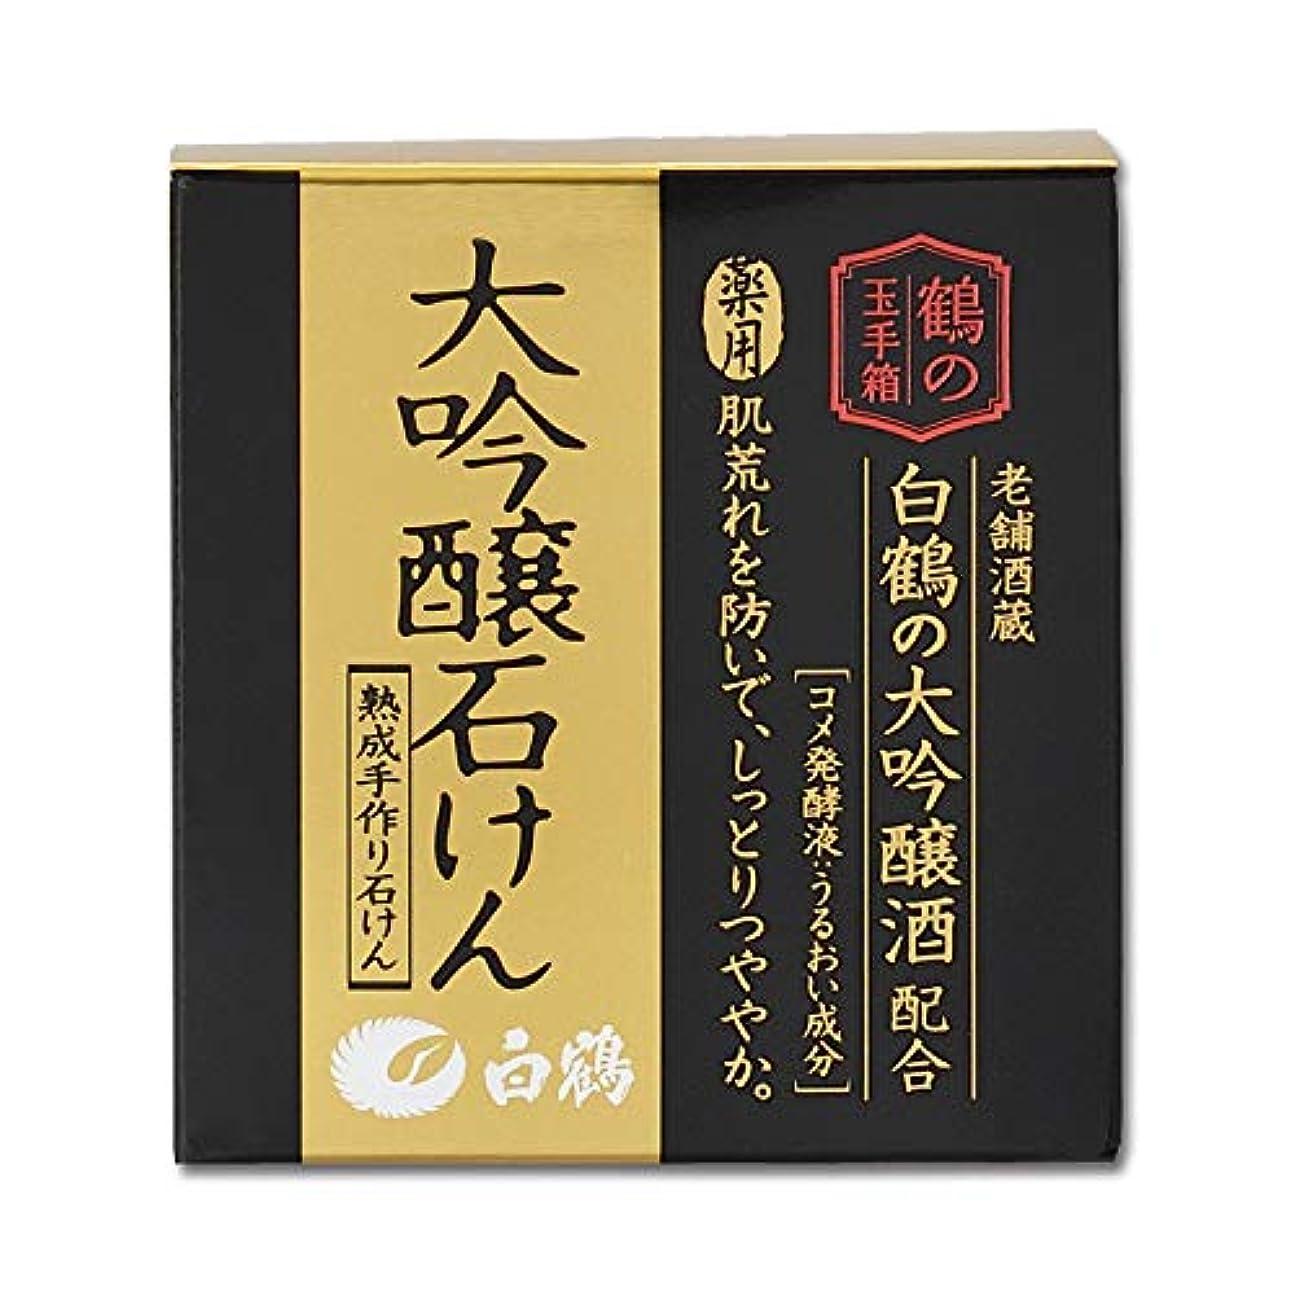 振る舞う解放するトムオードリース白鶴 鶴の玉手箱 薬用 大吟醸石けん 100g (医薬部外品)